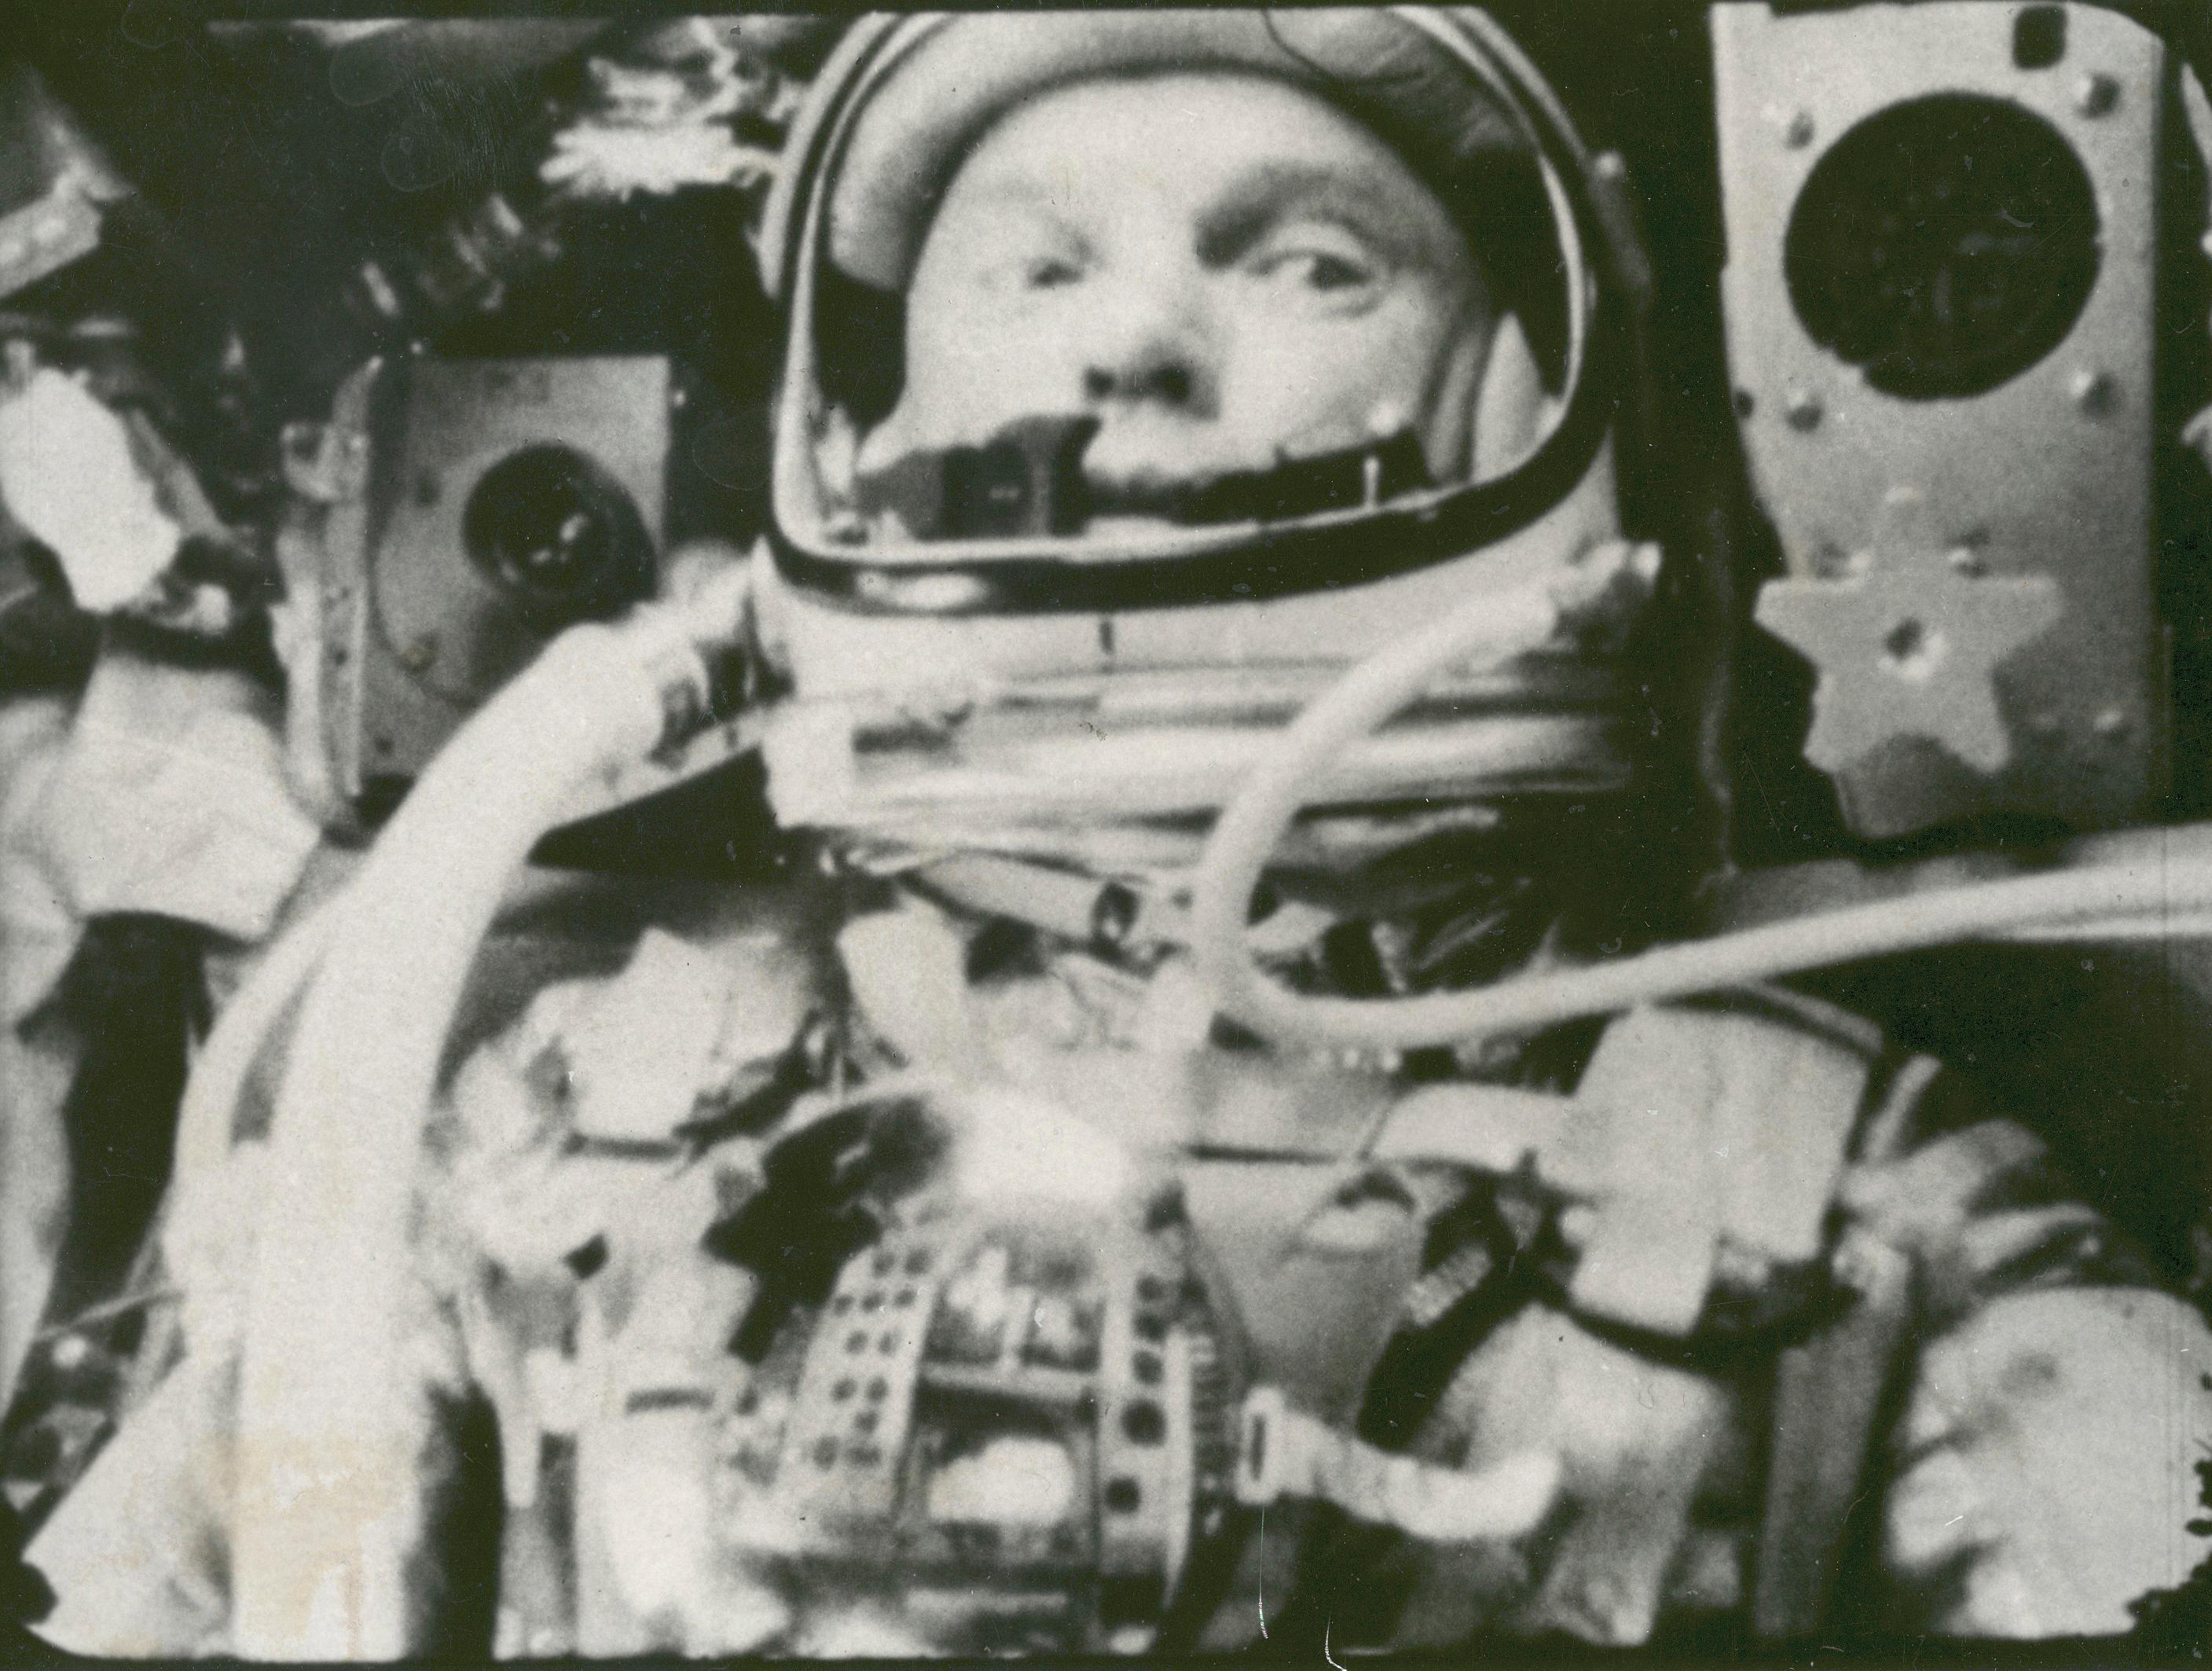 Mercury capsule